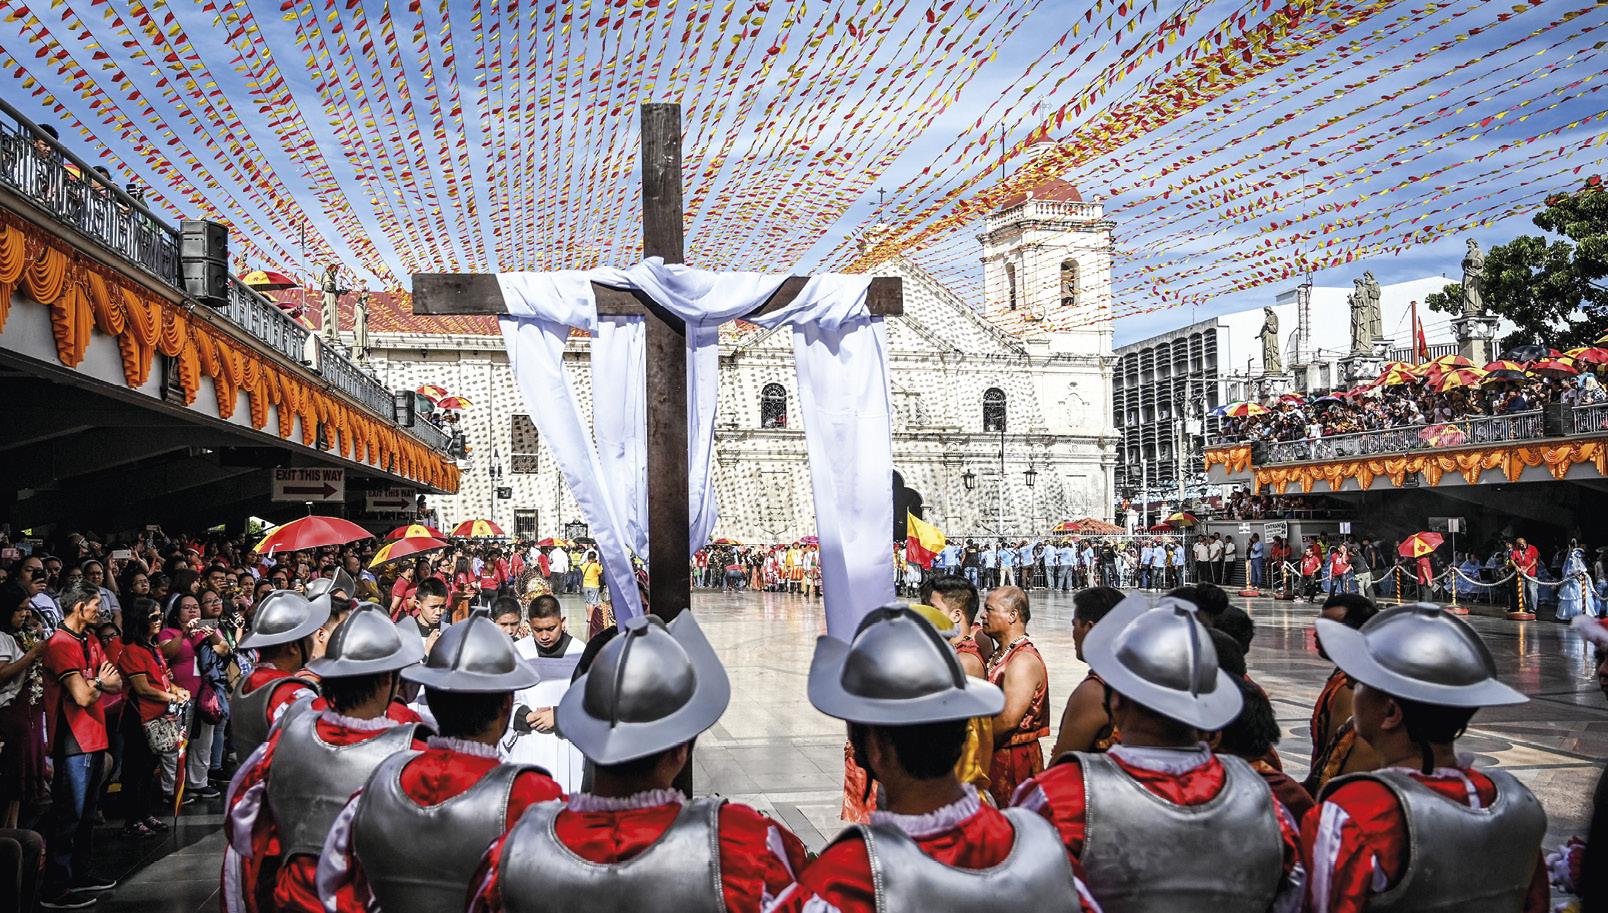 Figurantes vestidos como soldados espanhóis nas festas do Menino Jesus, em Cebu, nas Filipinas, onde morreu Fernão de Magalhães, que aqui terá erigido a chamada Cruz de Magalhães.